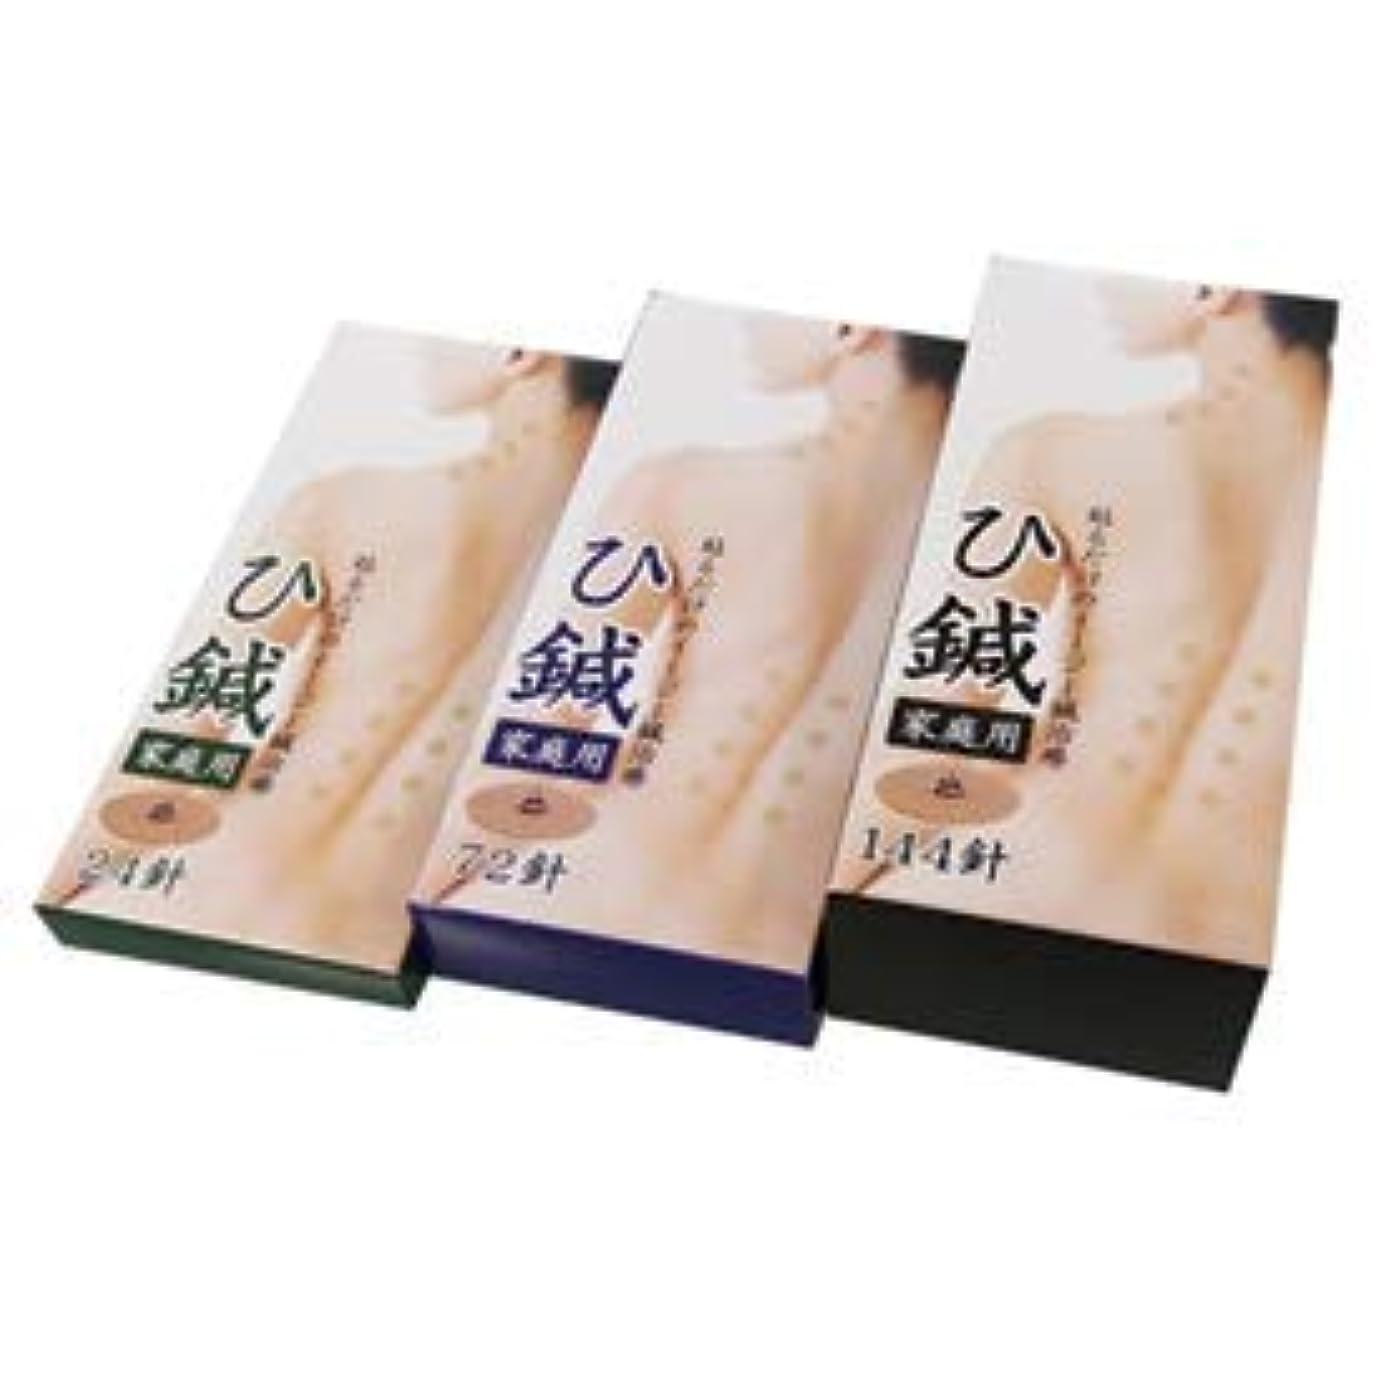 ぼかす敬輸送【ケース売り】イージー鍼治療 ひ鍼家庭用 144針×11